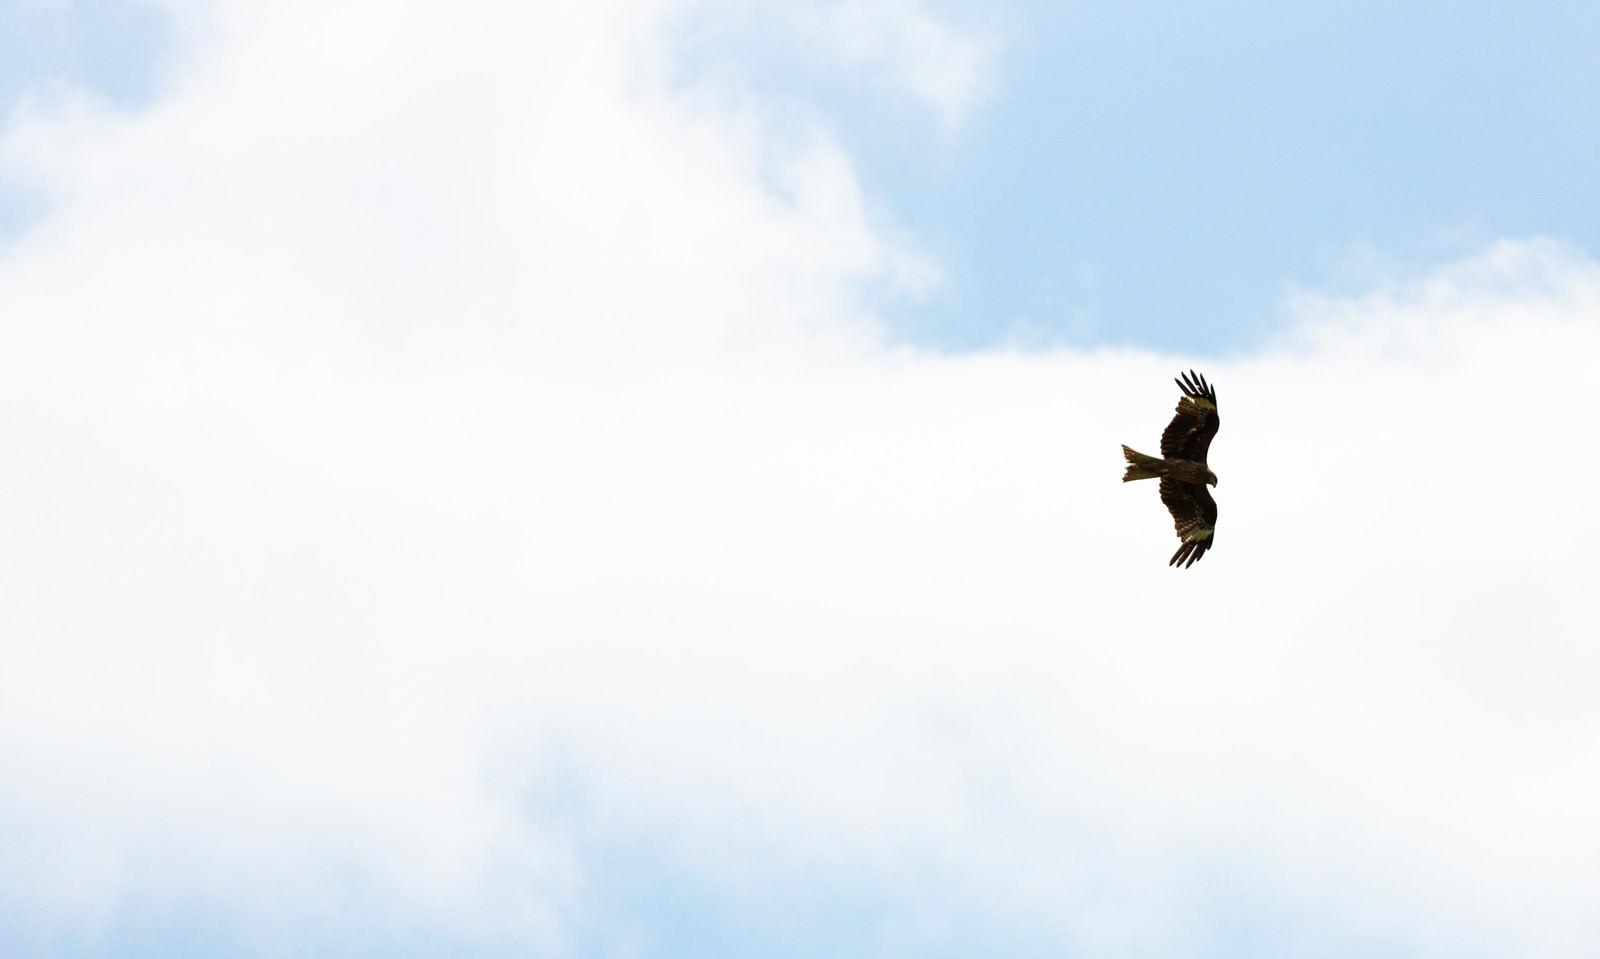 「大空を飛び回る鳥」の写真